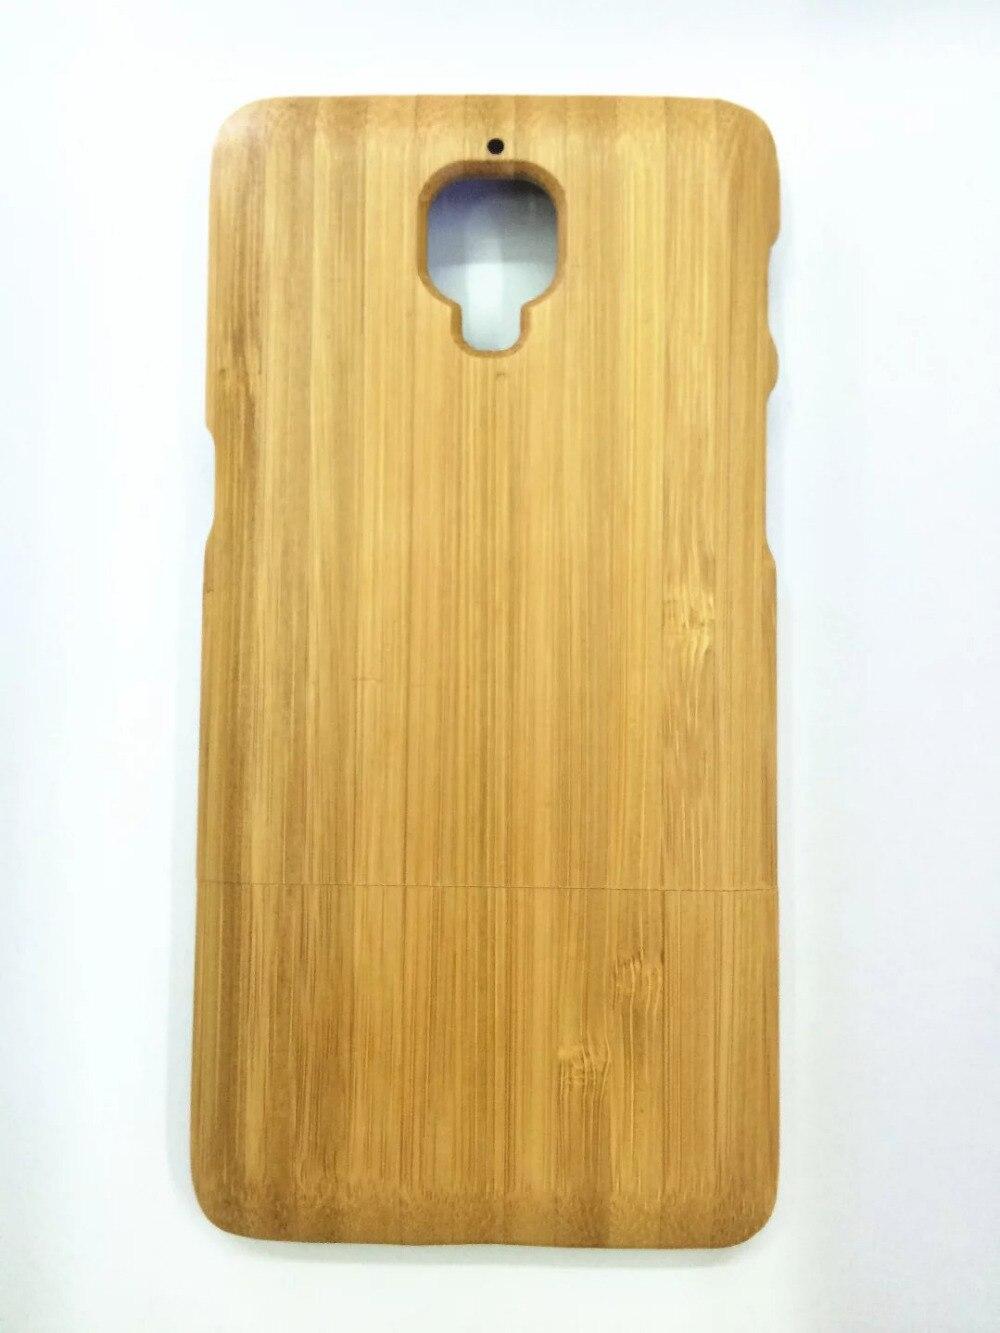 imágenes para Oneplus 3 genuine real caso de madera de bambú cubierta trasera original para uno más 3 tres a3003 concha protectora caso